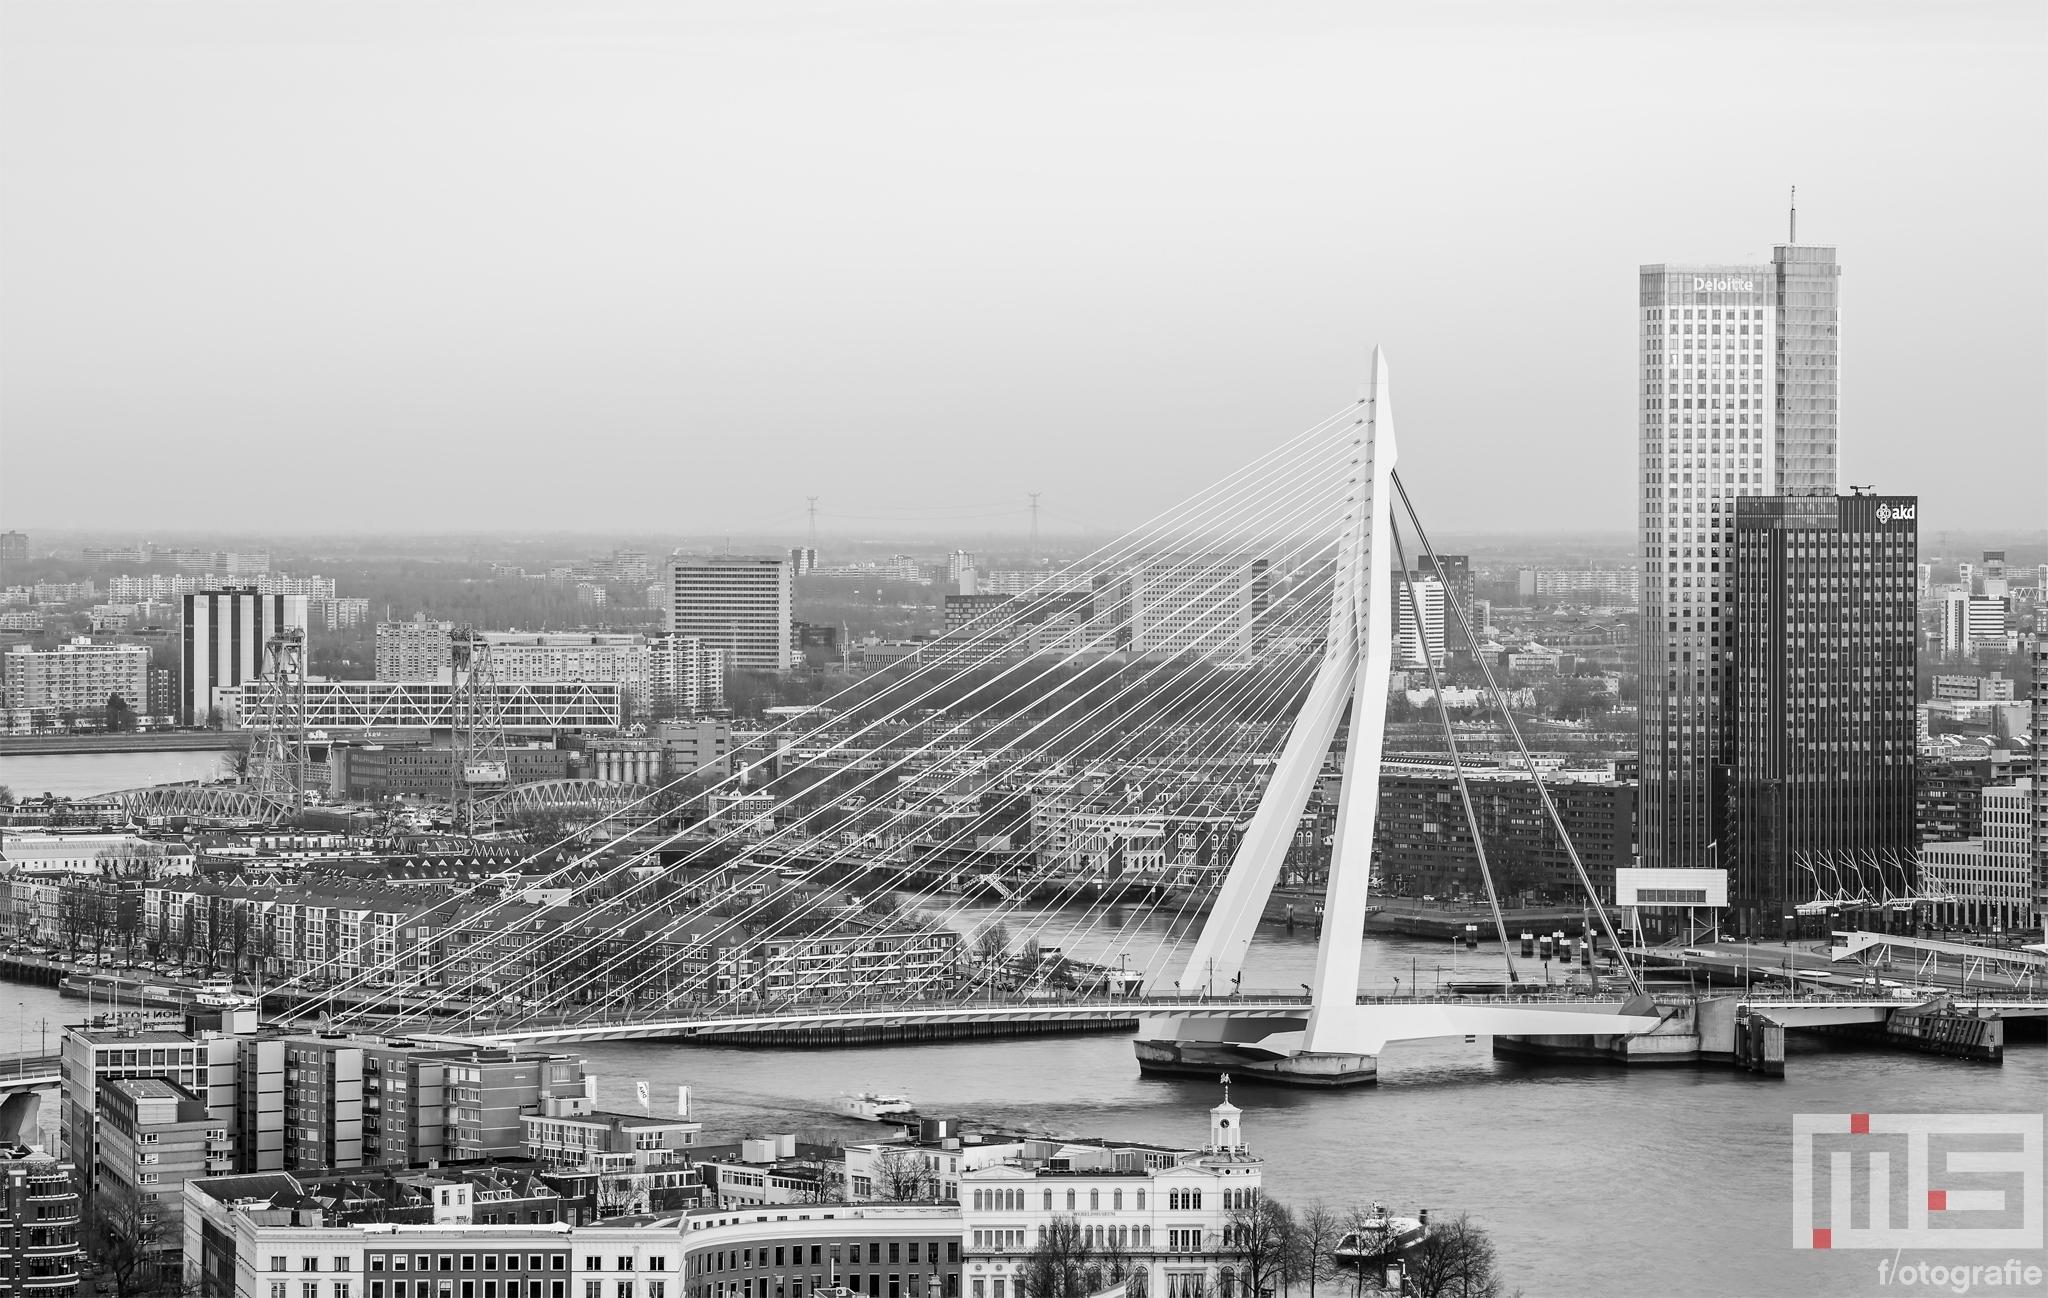 Te Koop | De Erasmusbrug in Rotterdam met de Maastoren